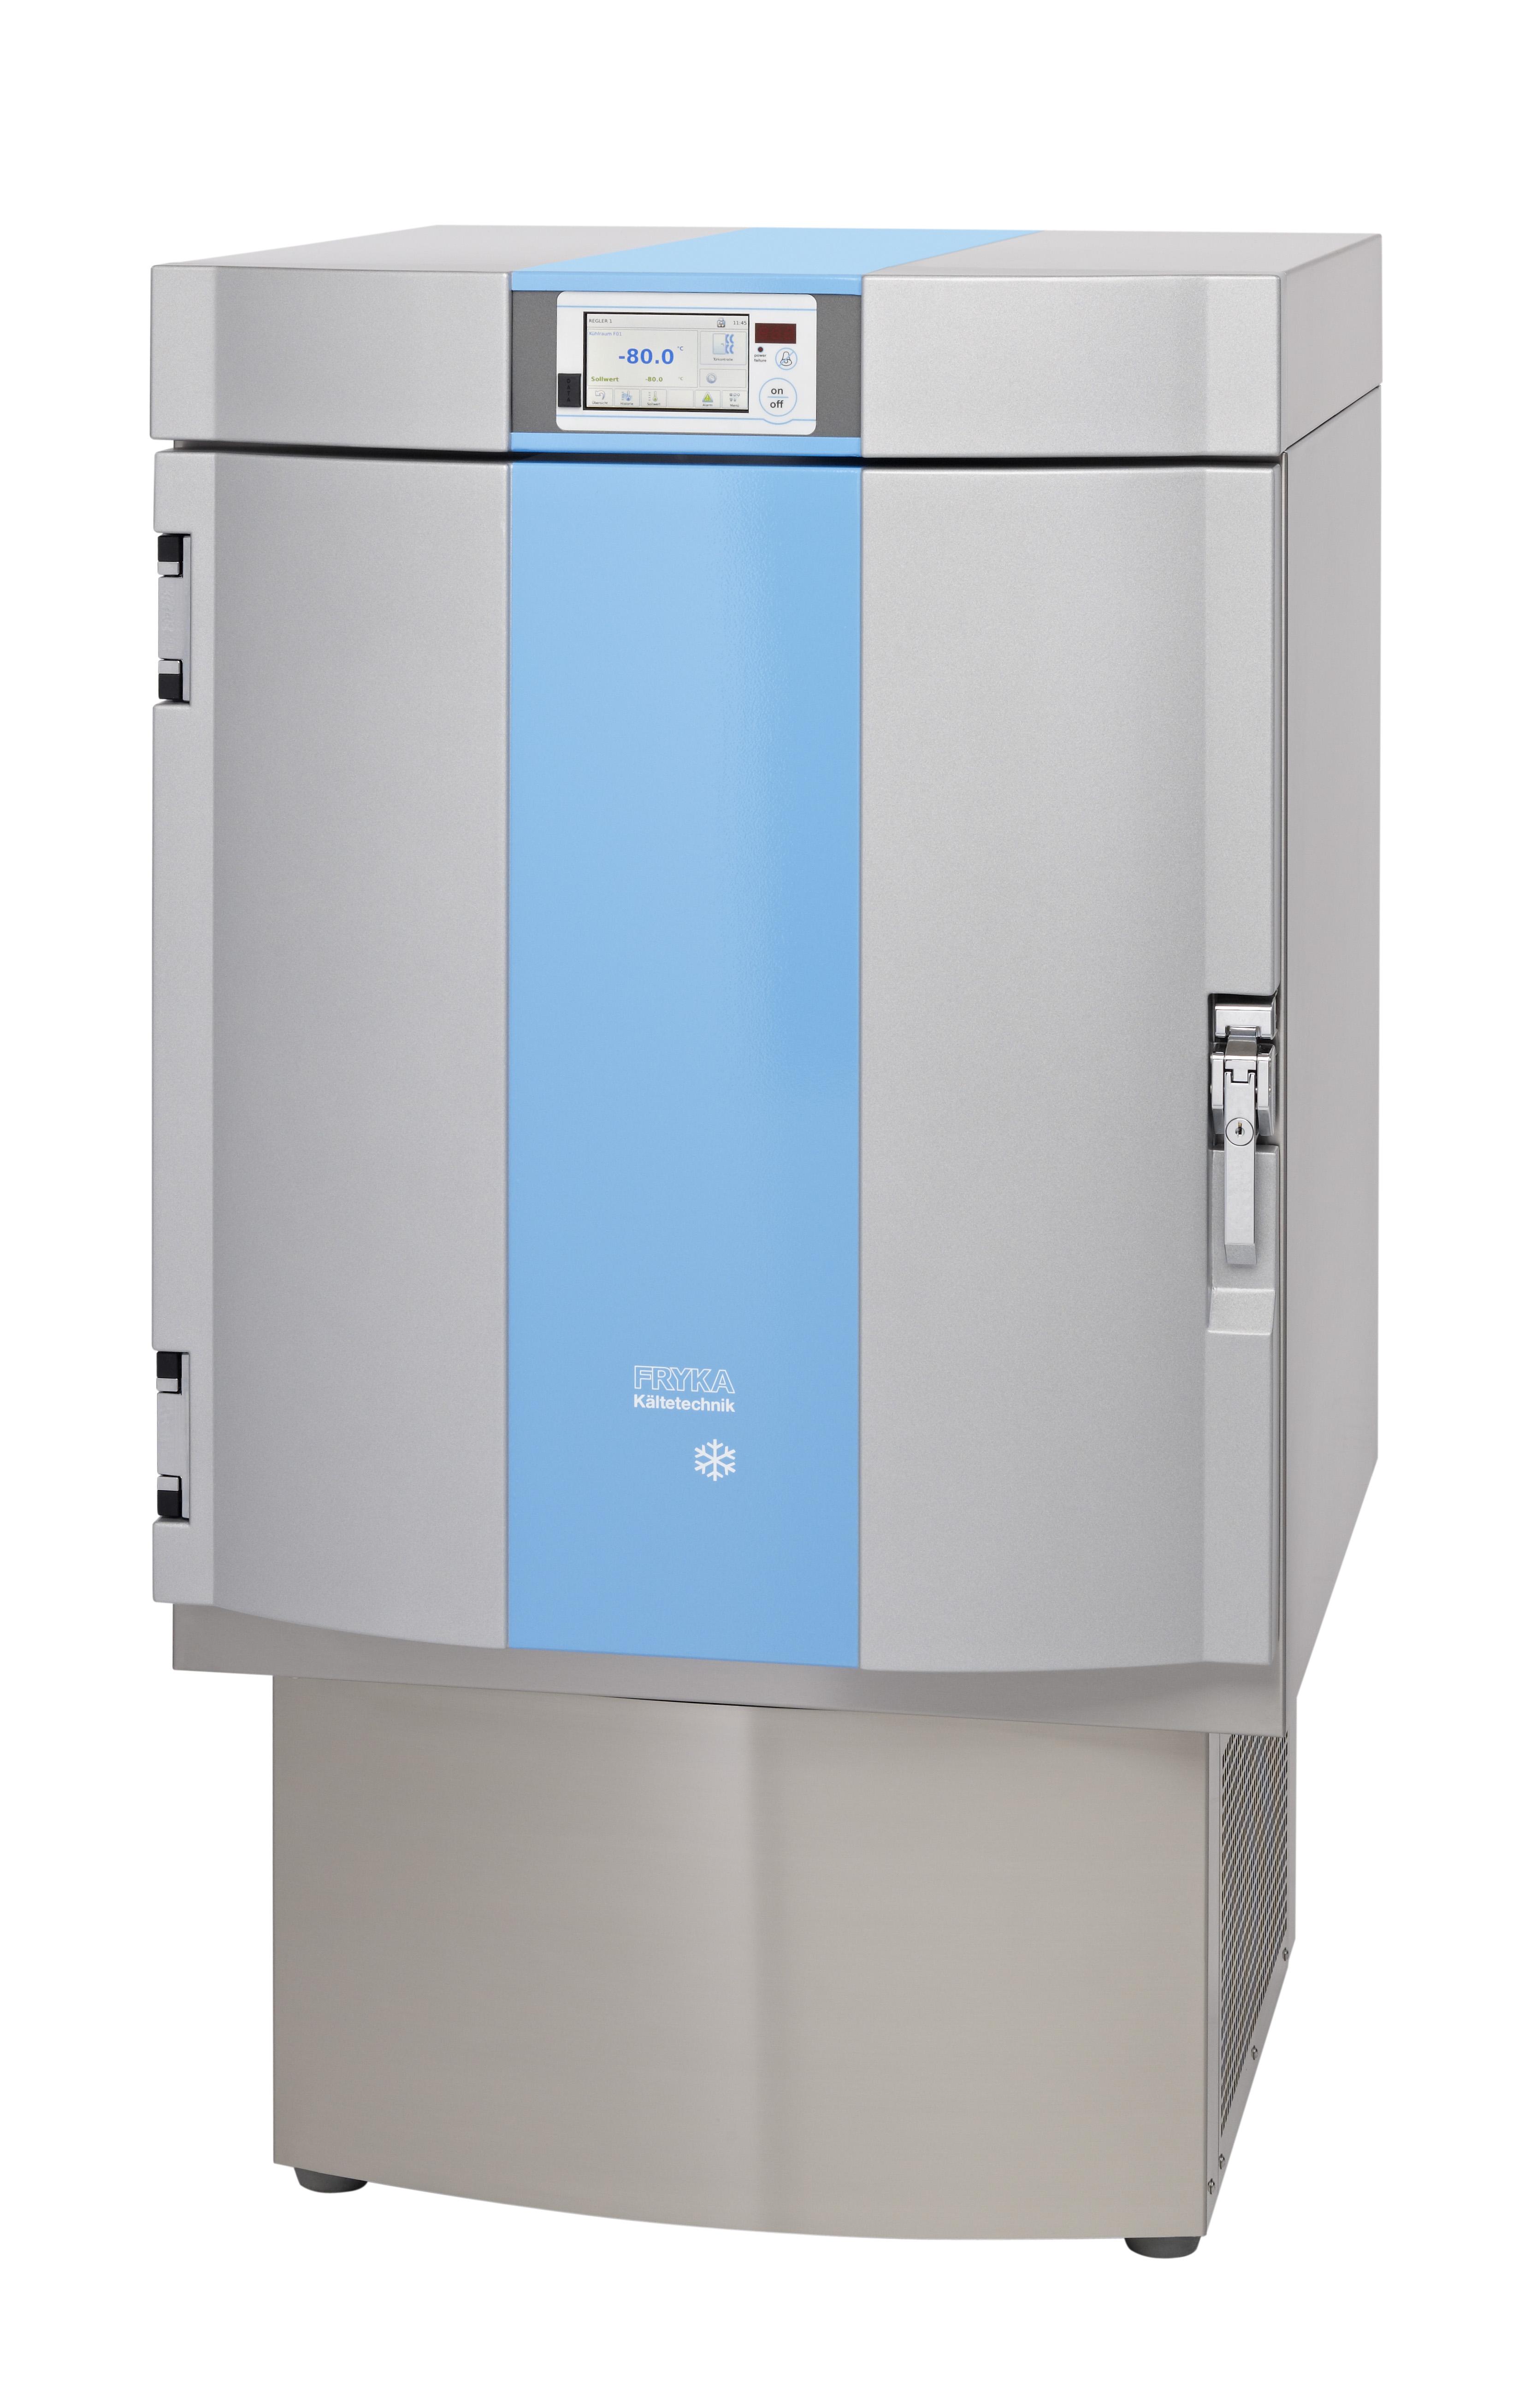 FRYKA Tiefkühlschrank TS 50-100 logg (-10°C bis -50°C)